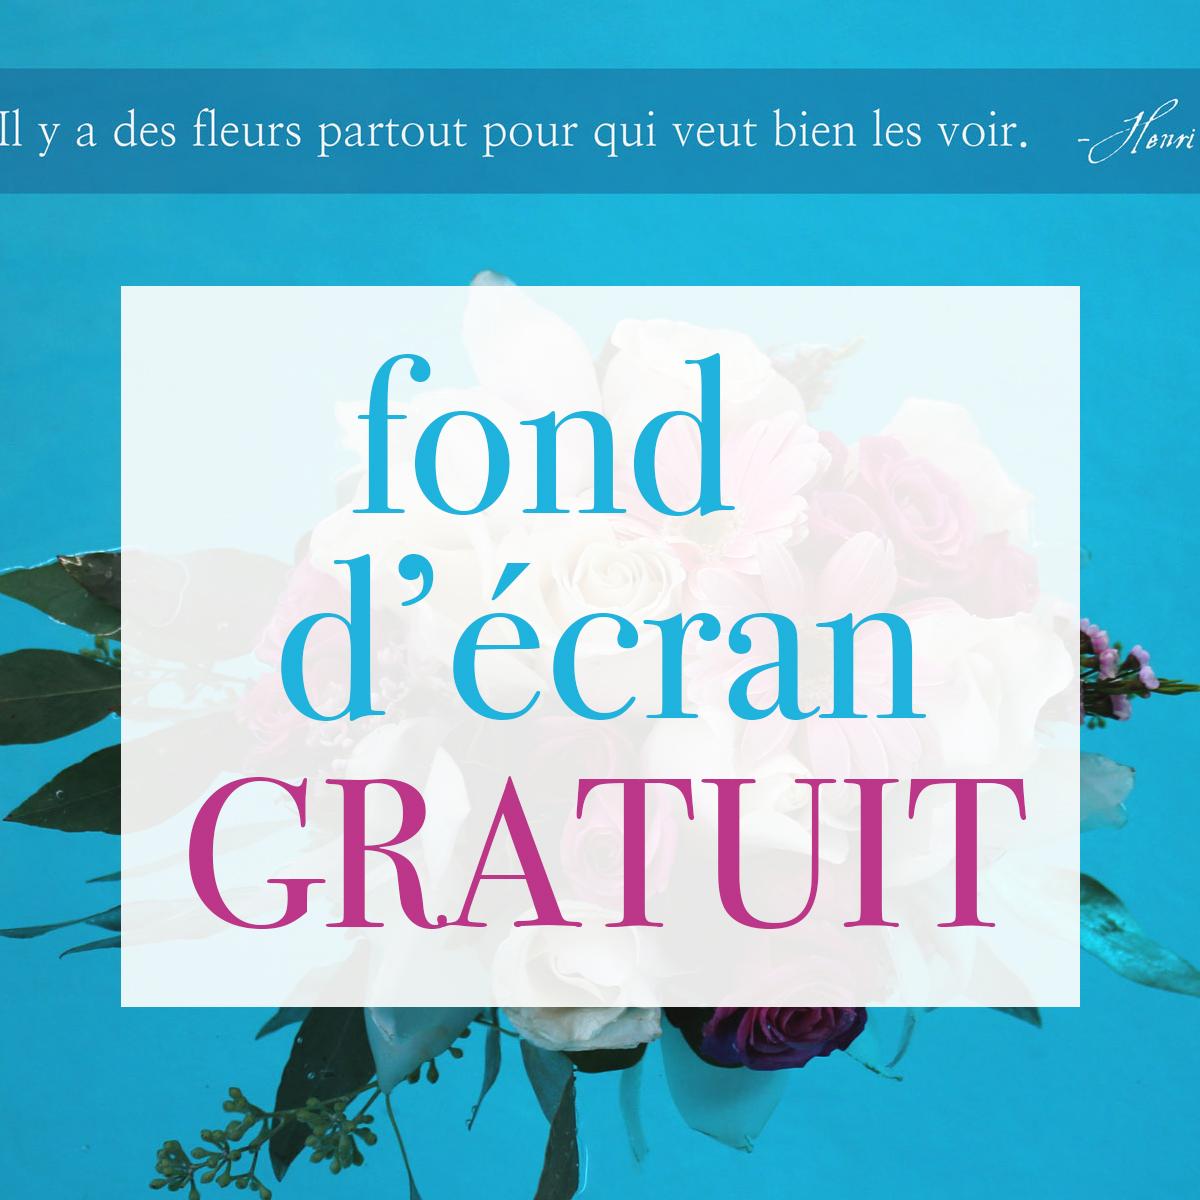 Fond d 39 cran gratuit fleuriste le bouquet st laurent for Fond d ecran gratuit wiko